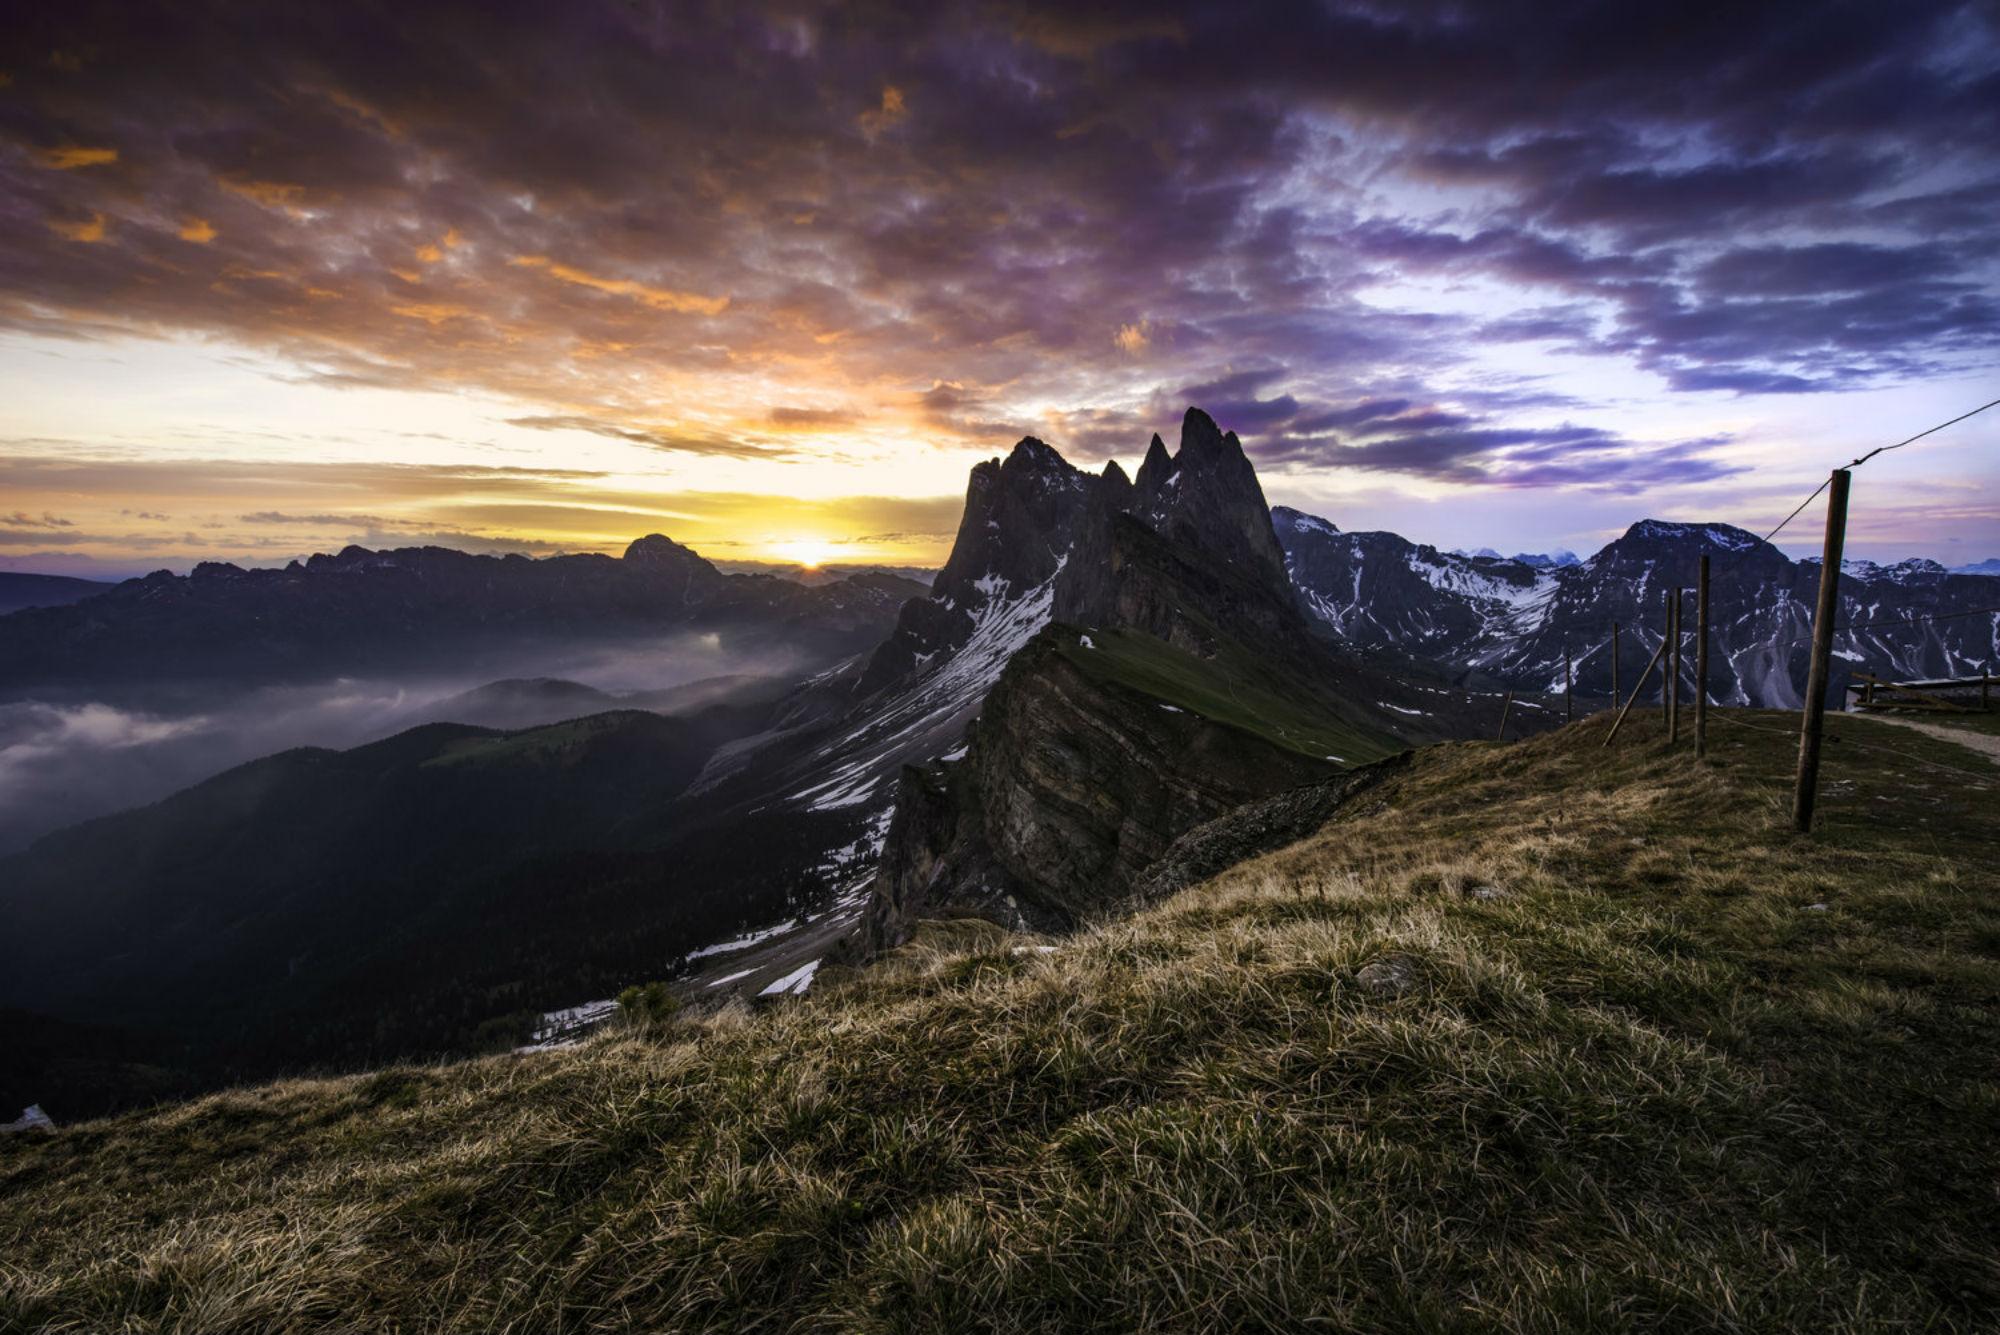 bergfotografie tips afbeelding